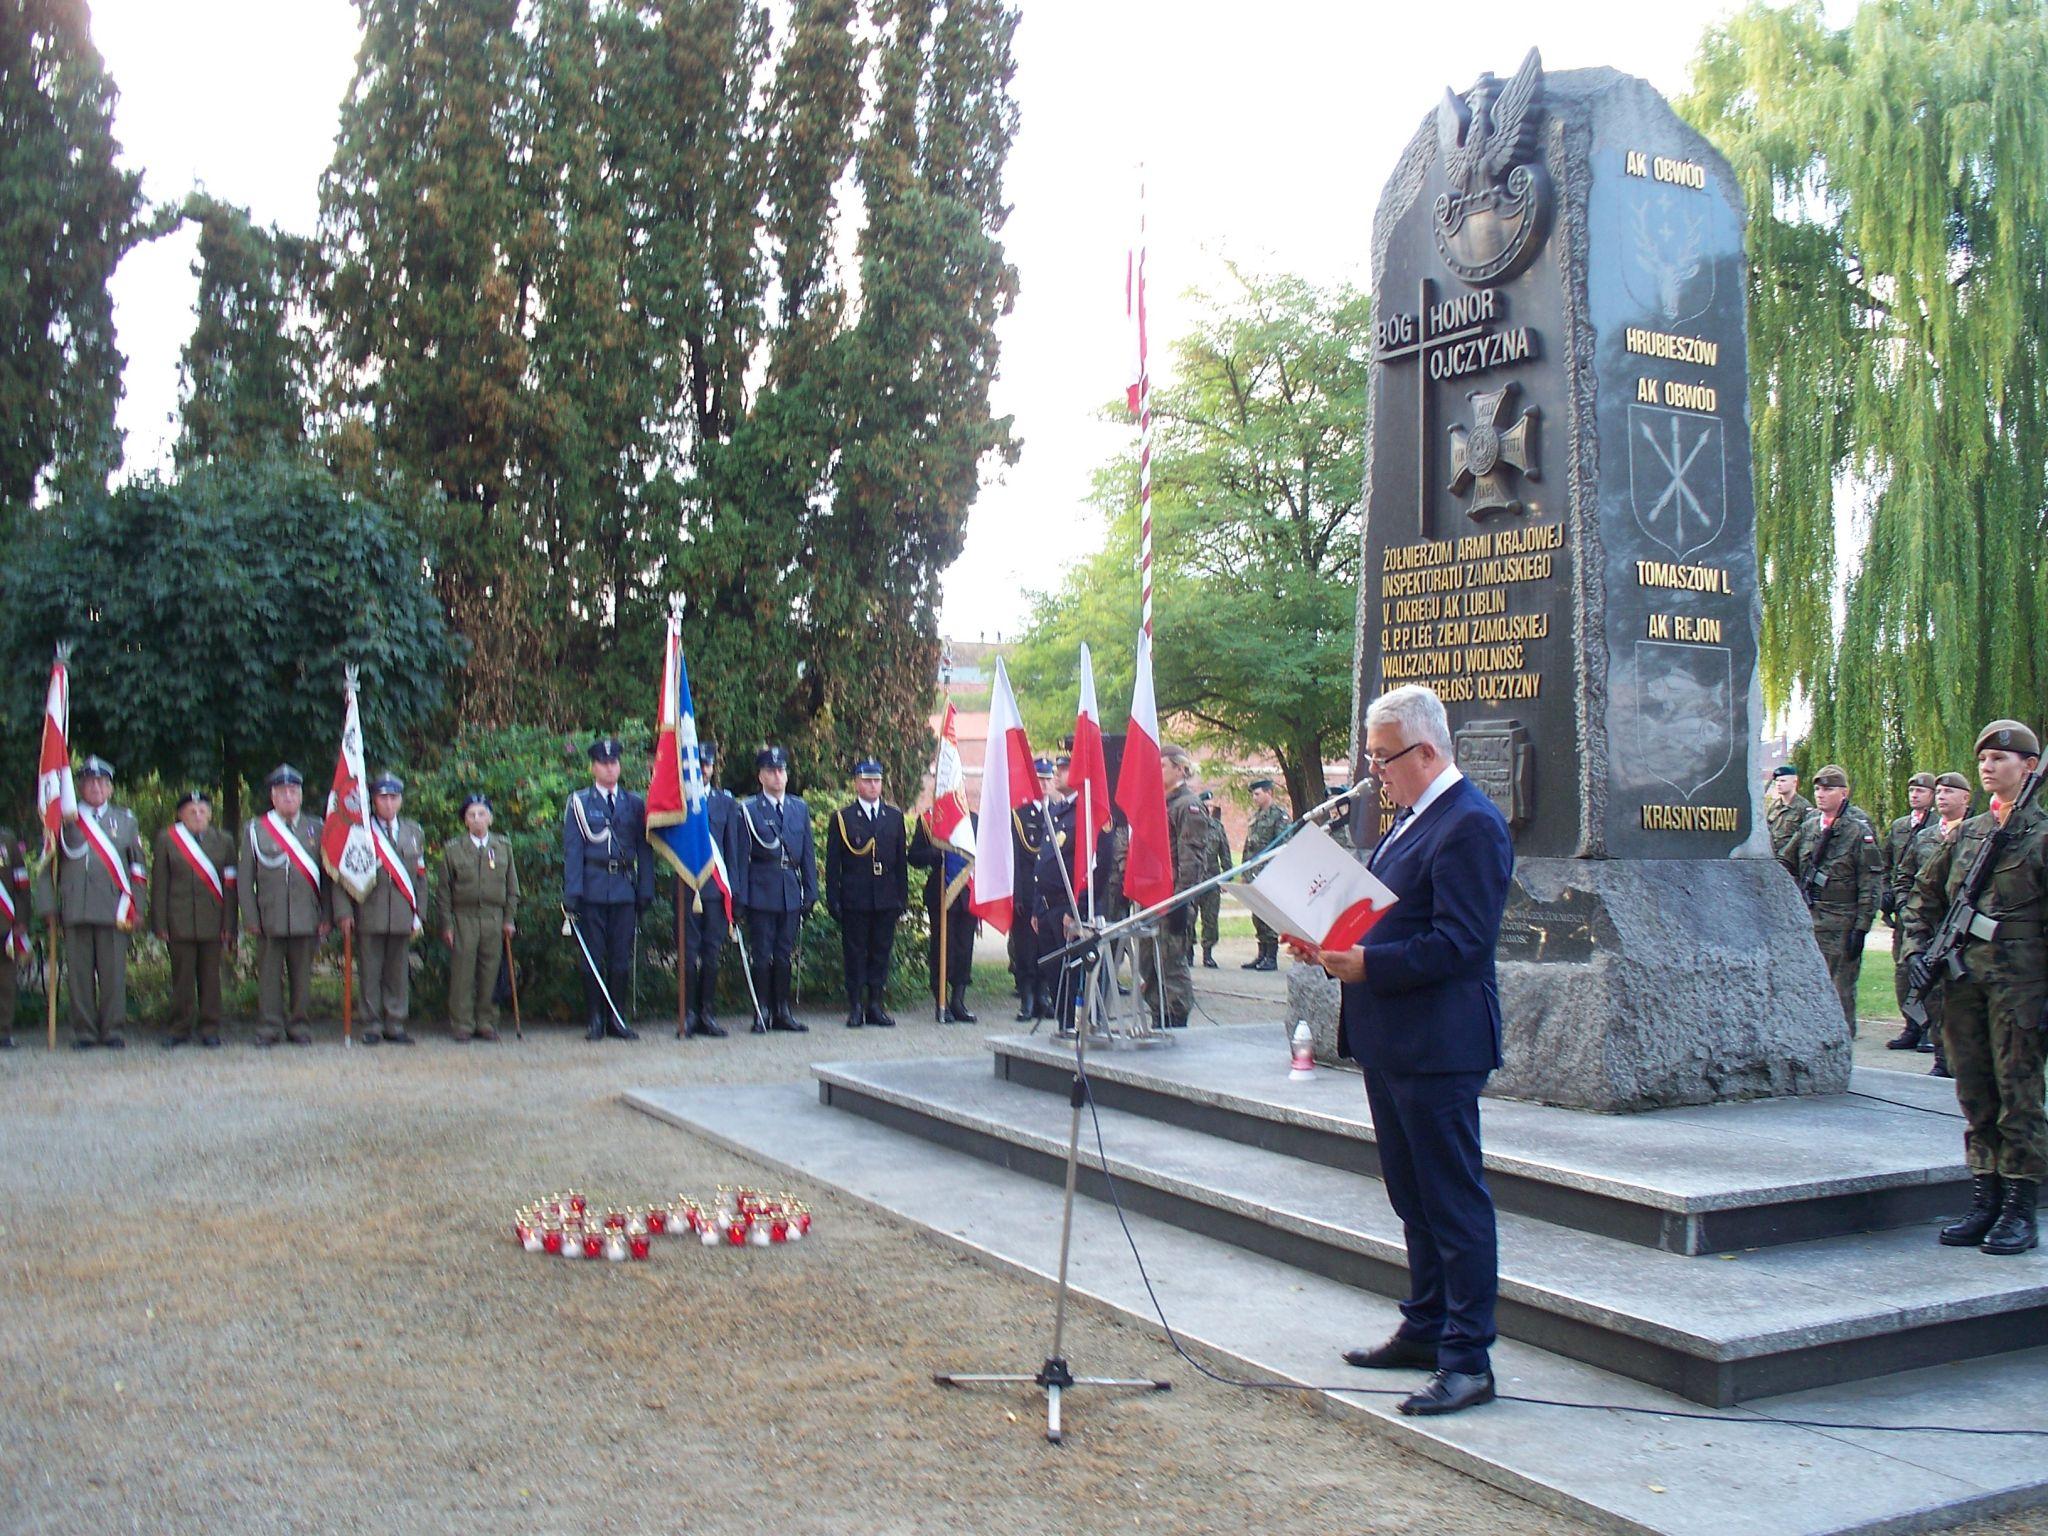 100 9668 Zamość: Obchody 80. rocznicypowstania Polskiego Państwa Podziemnego [ZDJĘCIA]